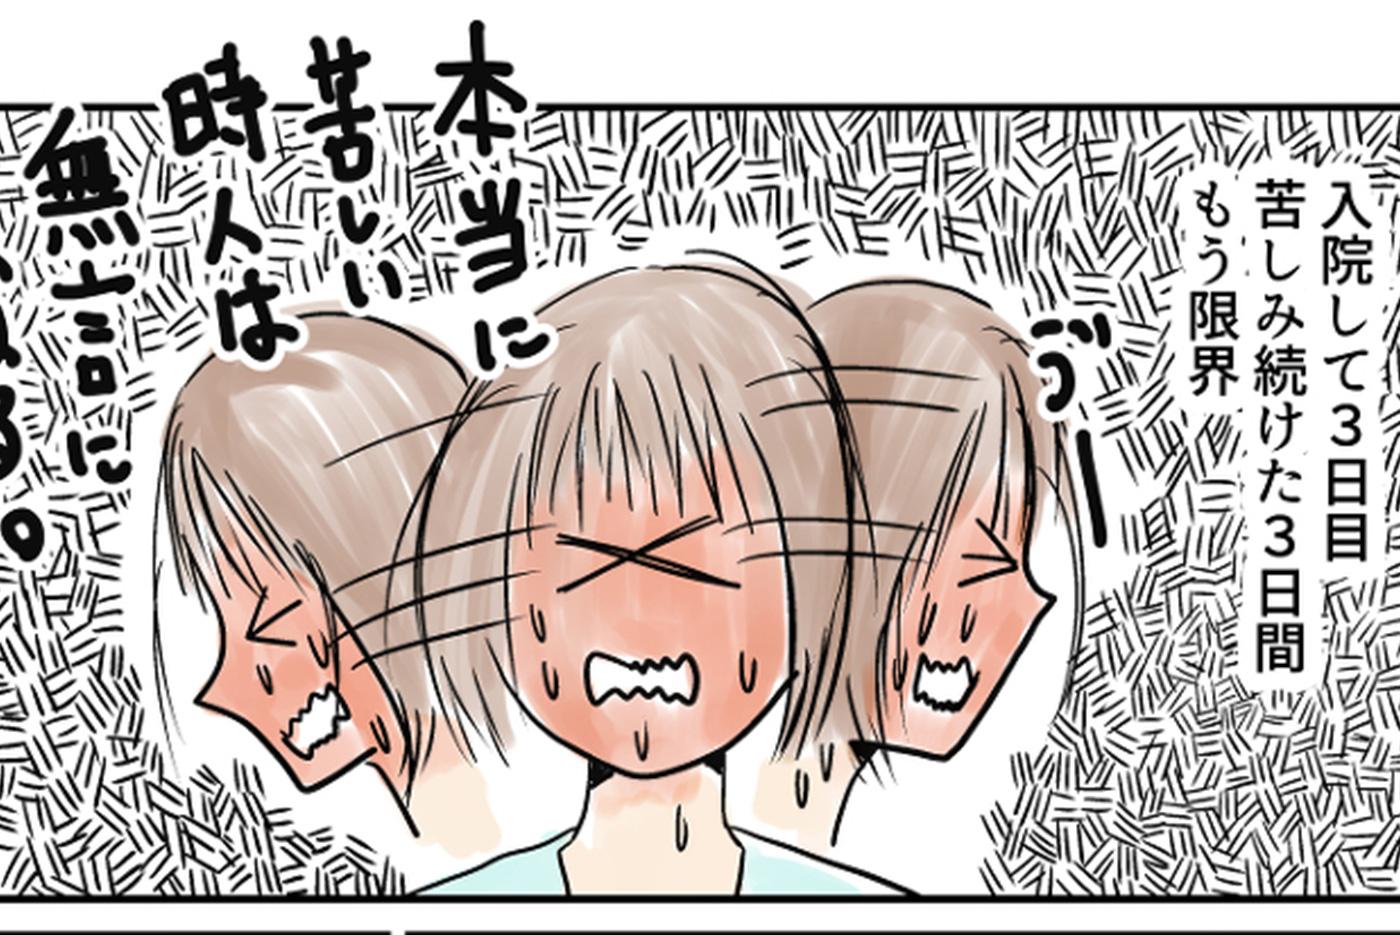 栗生ゑゐこの子どもの言い間違い